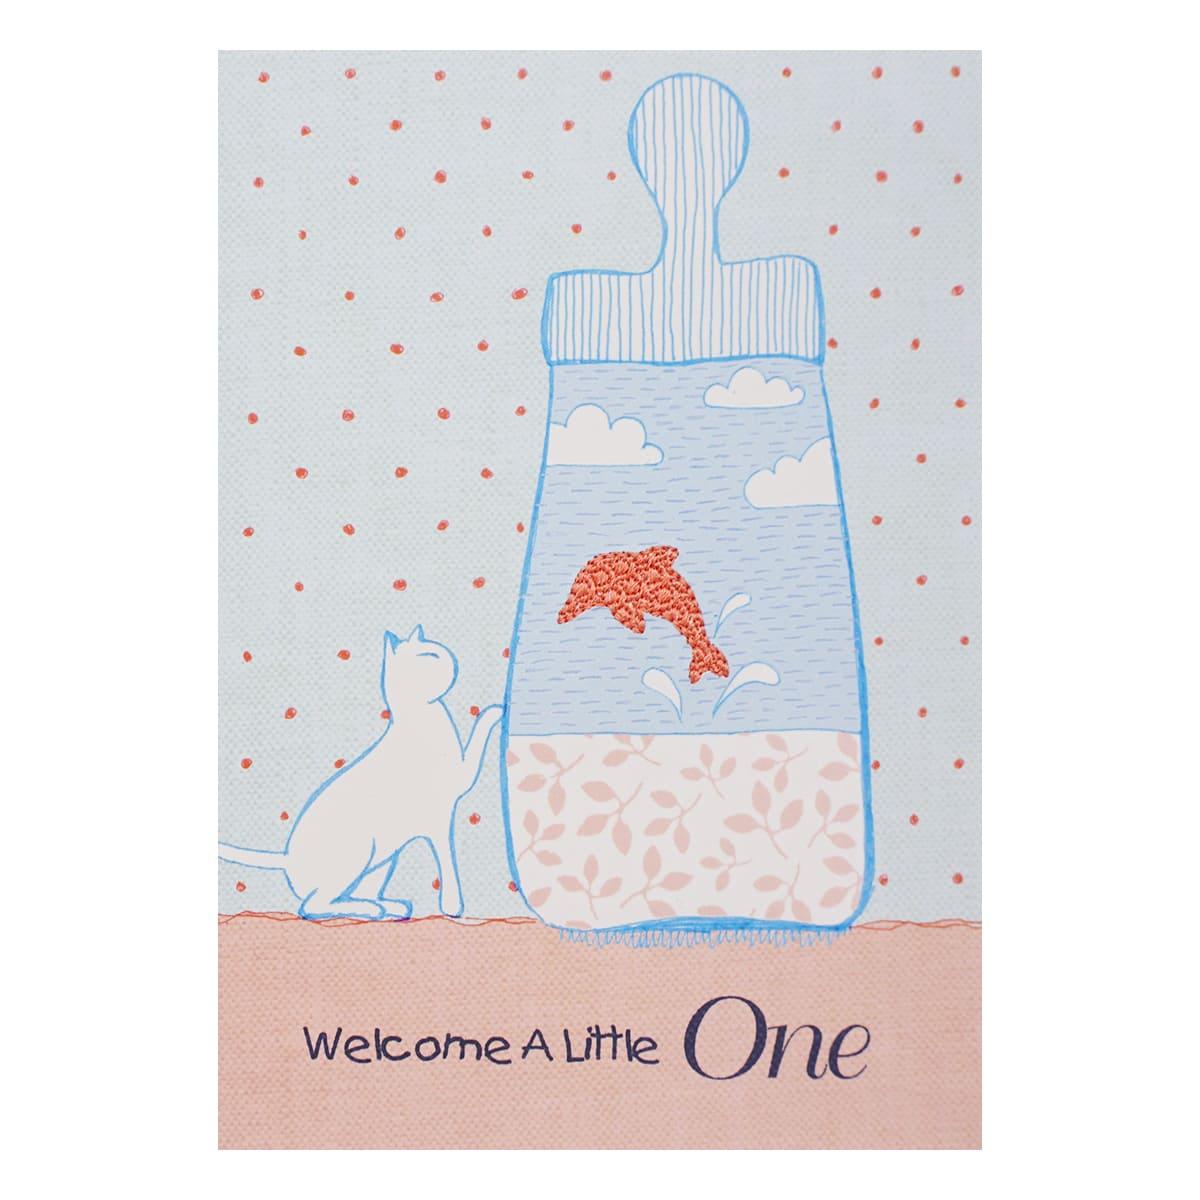 MWA05 Поздравительная открытка с вышивкой ' Welcome a little one', 12*17 см.(конверт в комплекте)